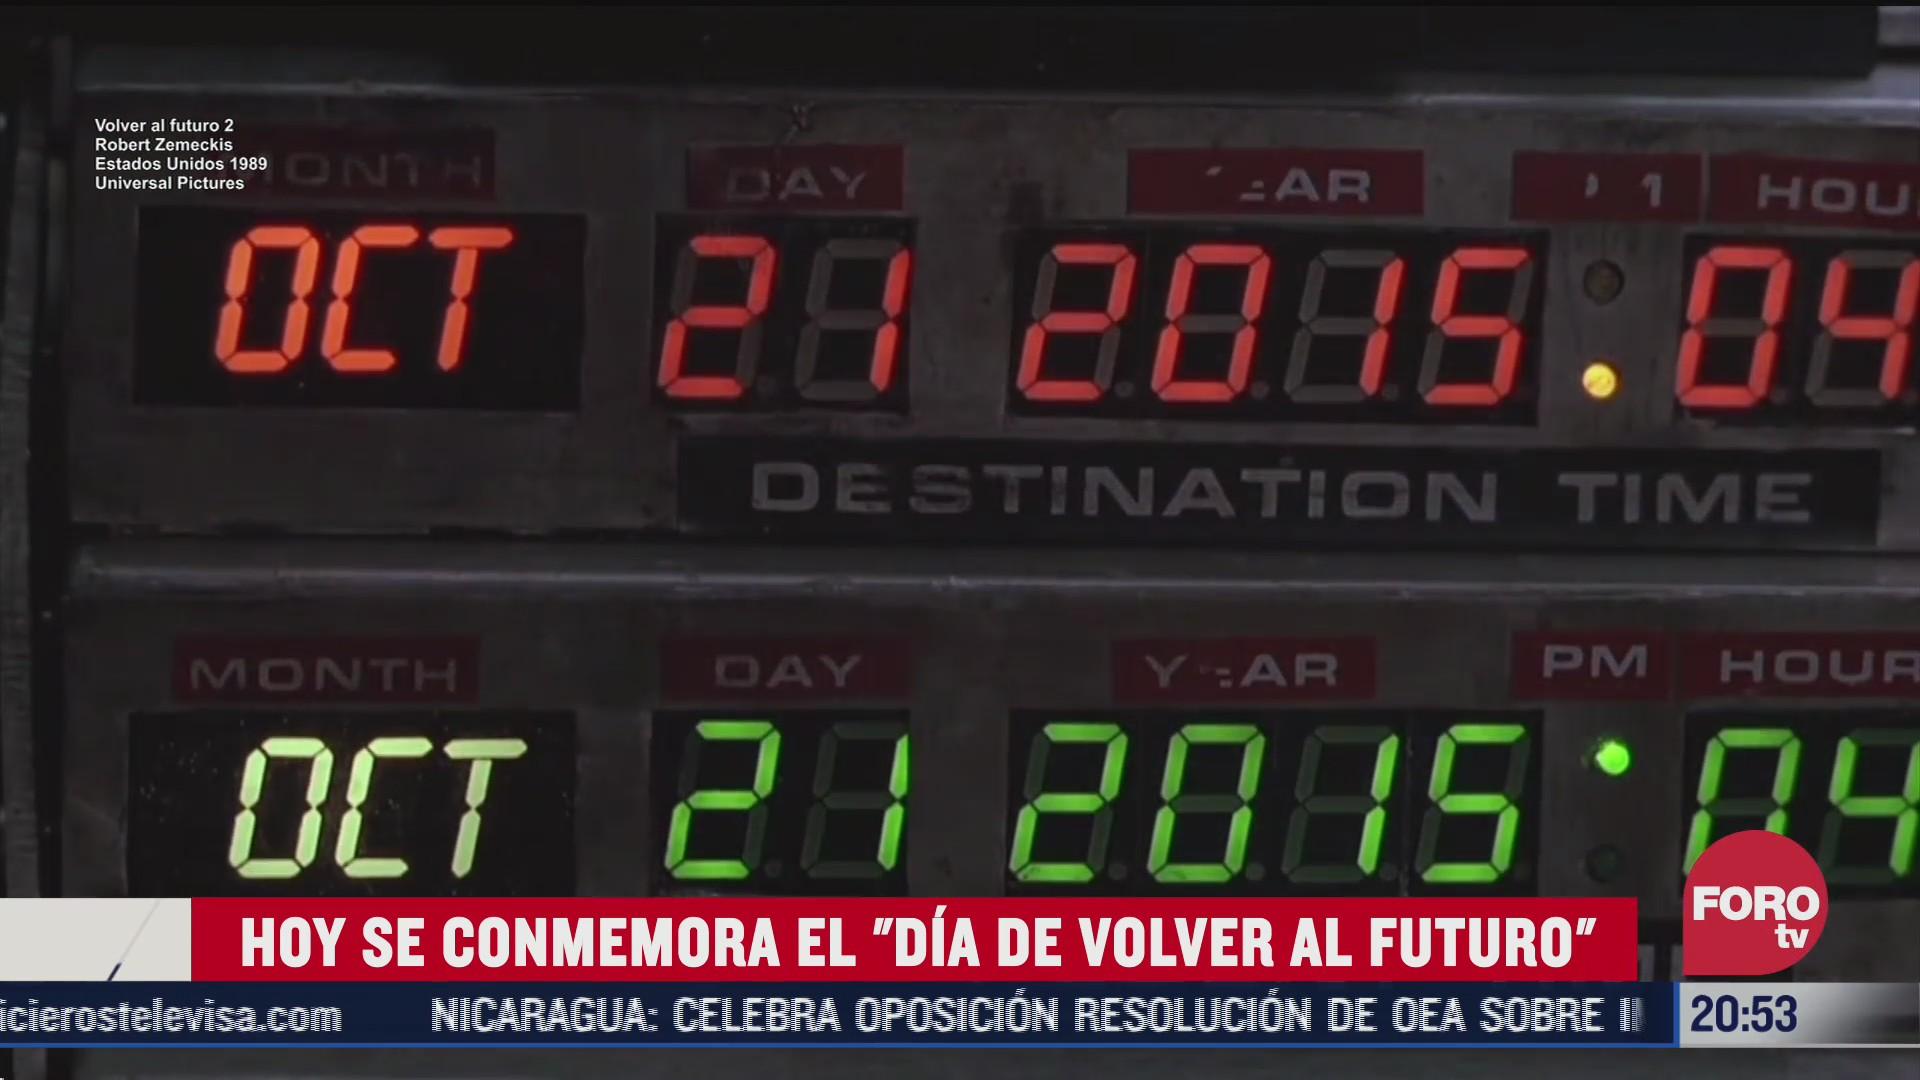 dia de volver al futuro